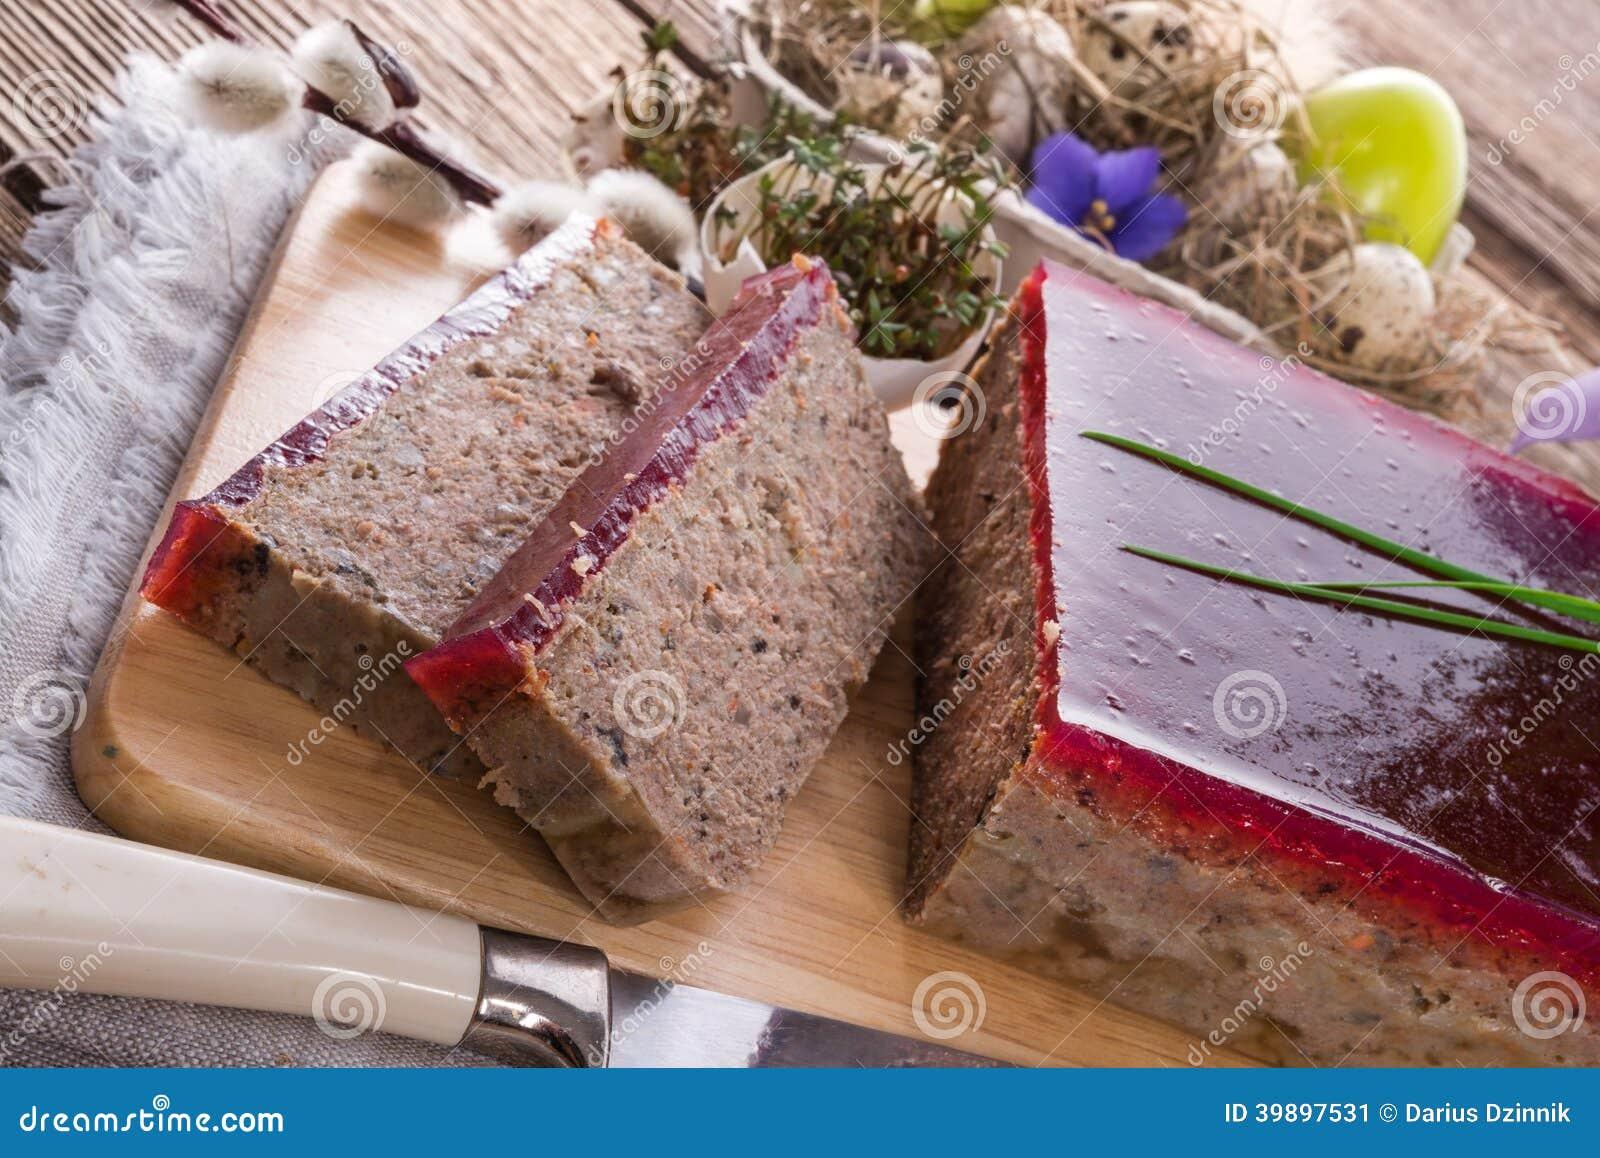 Καθαρίζει την πίτα με τα μανιτάρια και τα άγρια τα βακκίνια